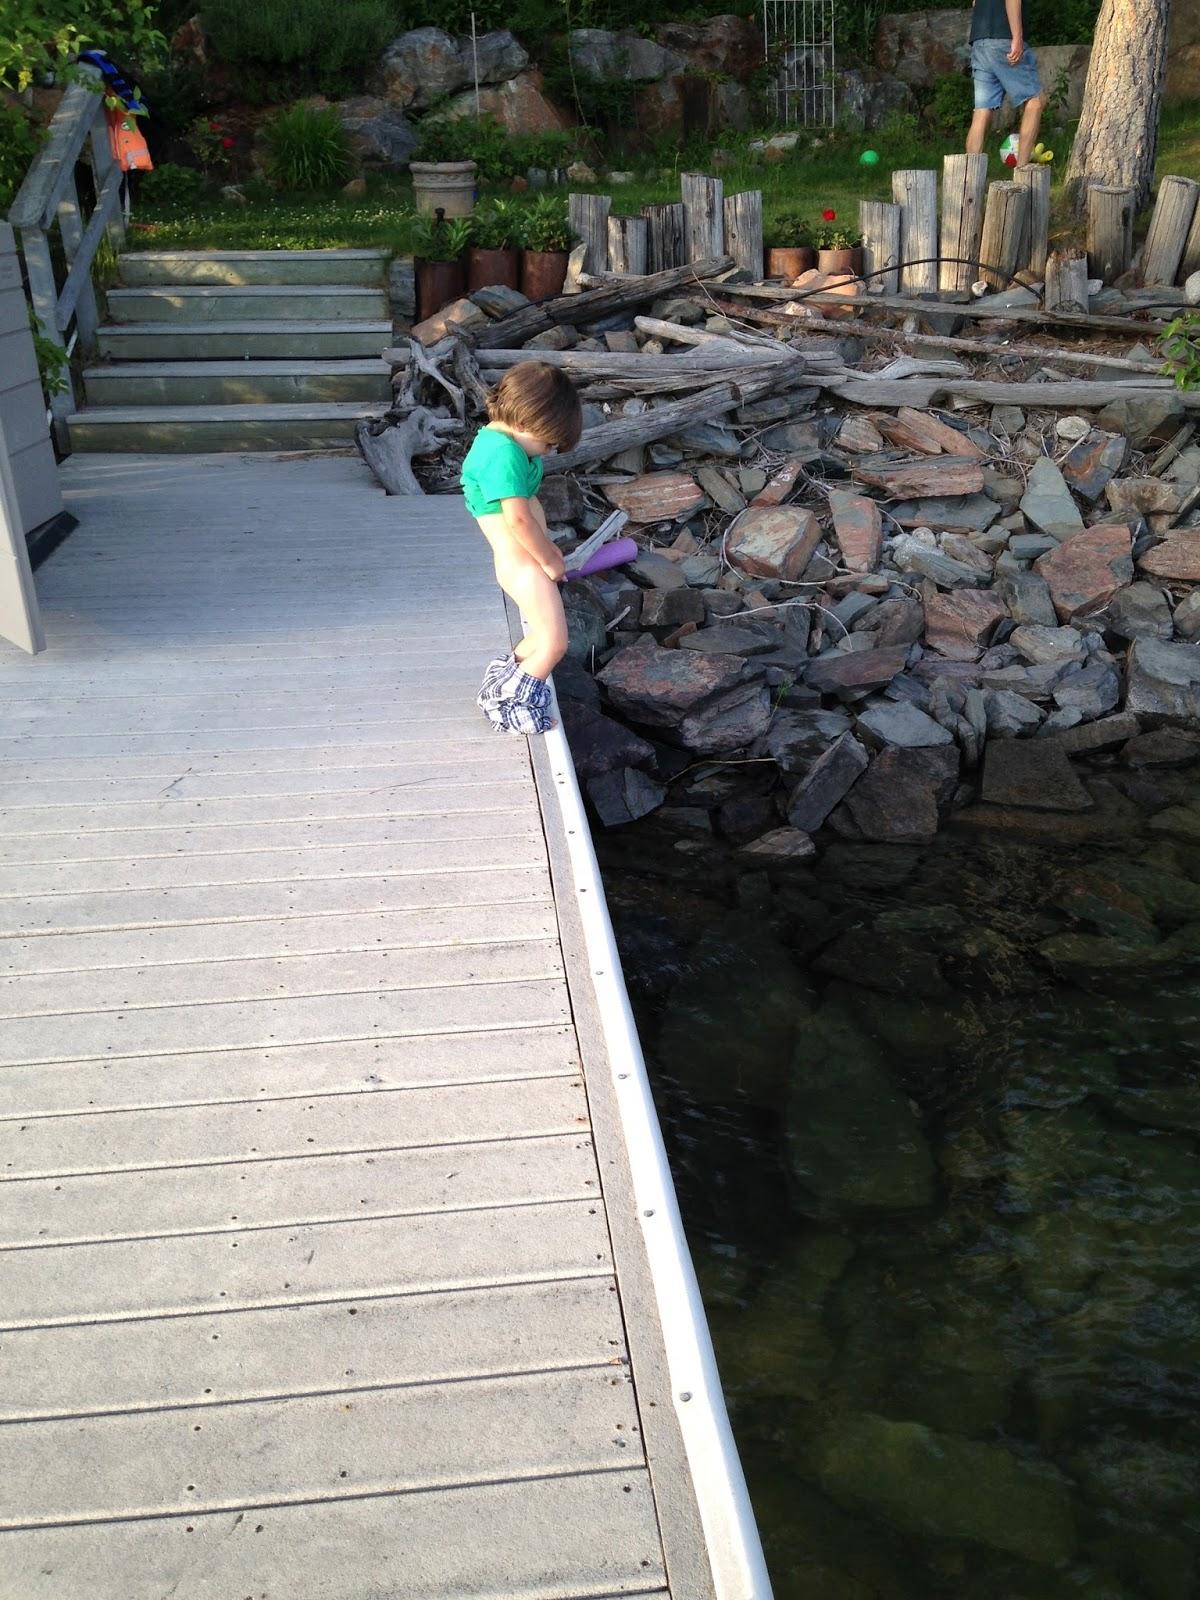 Regret, Peeing into lake